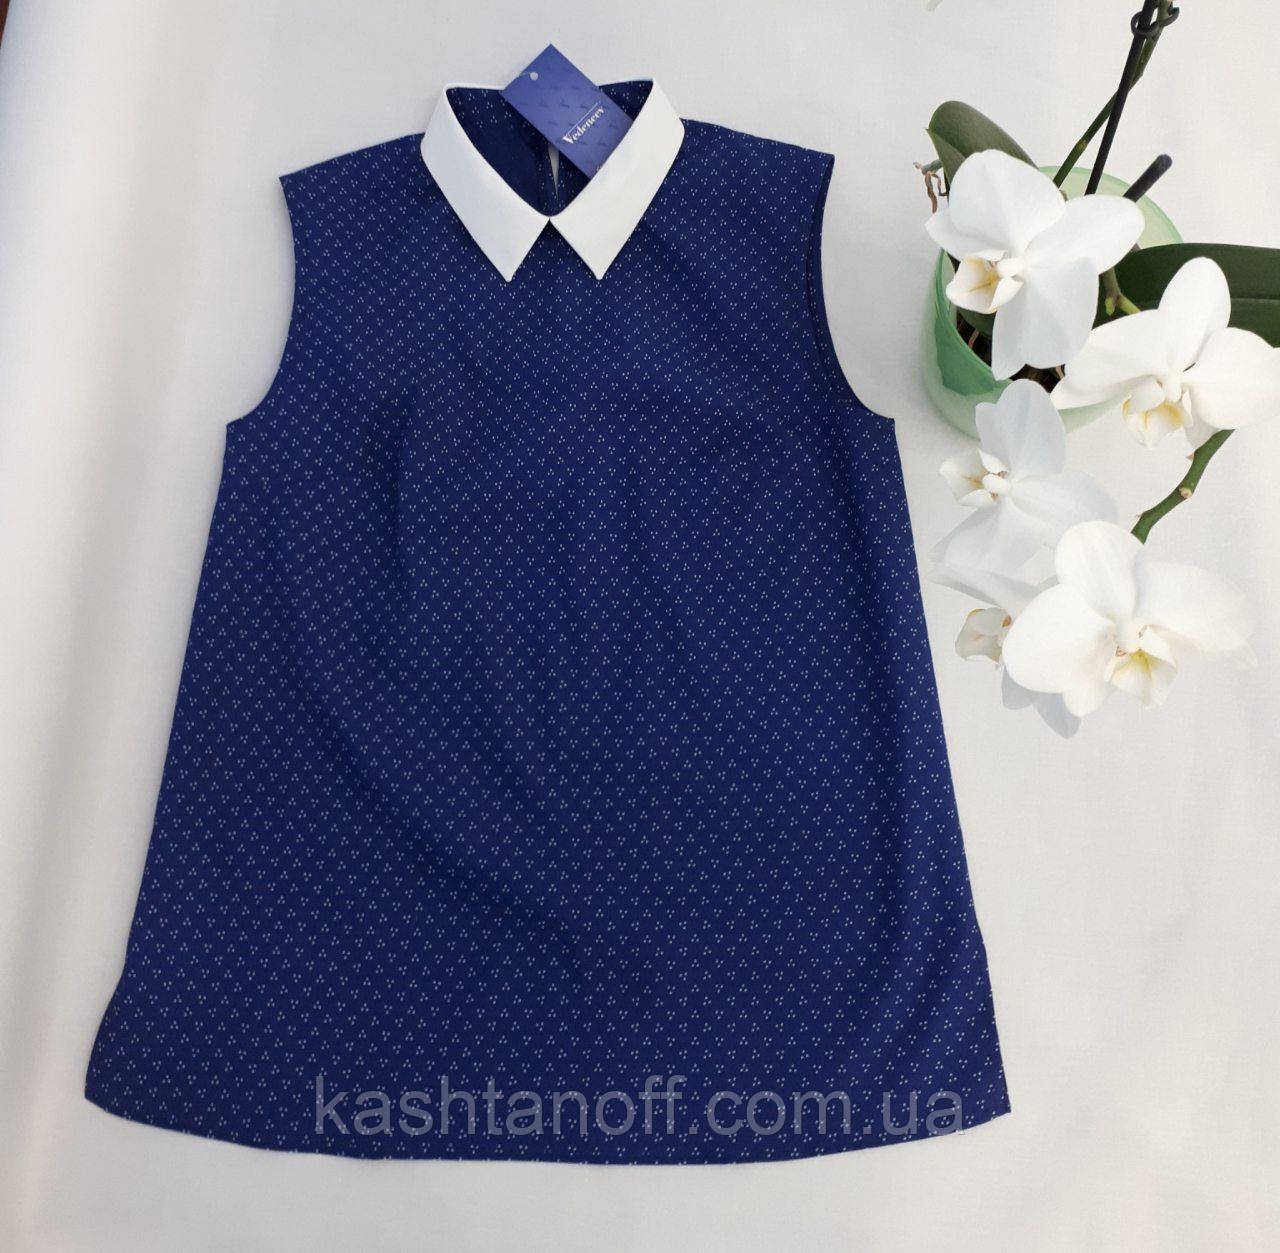 Блуза-безрукавка, синяя